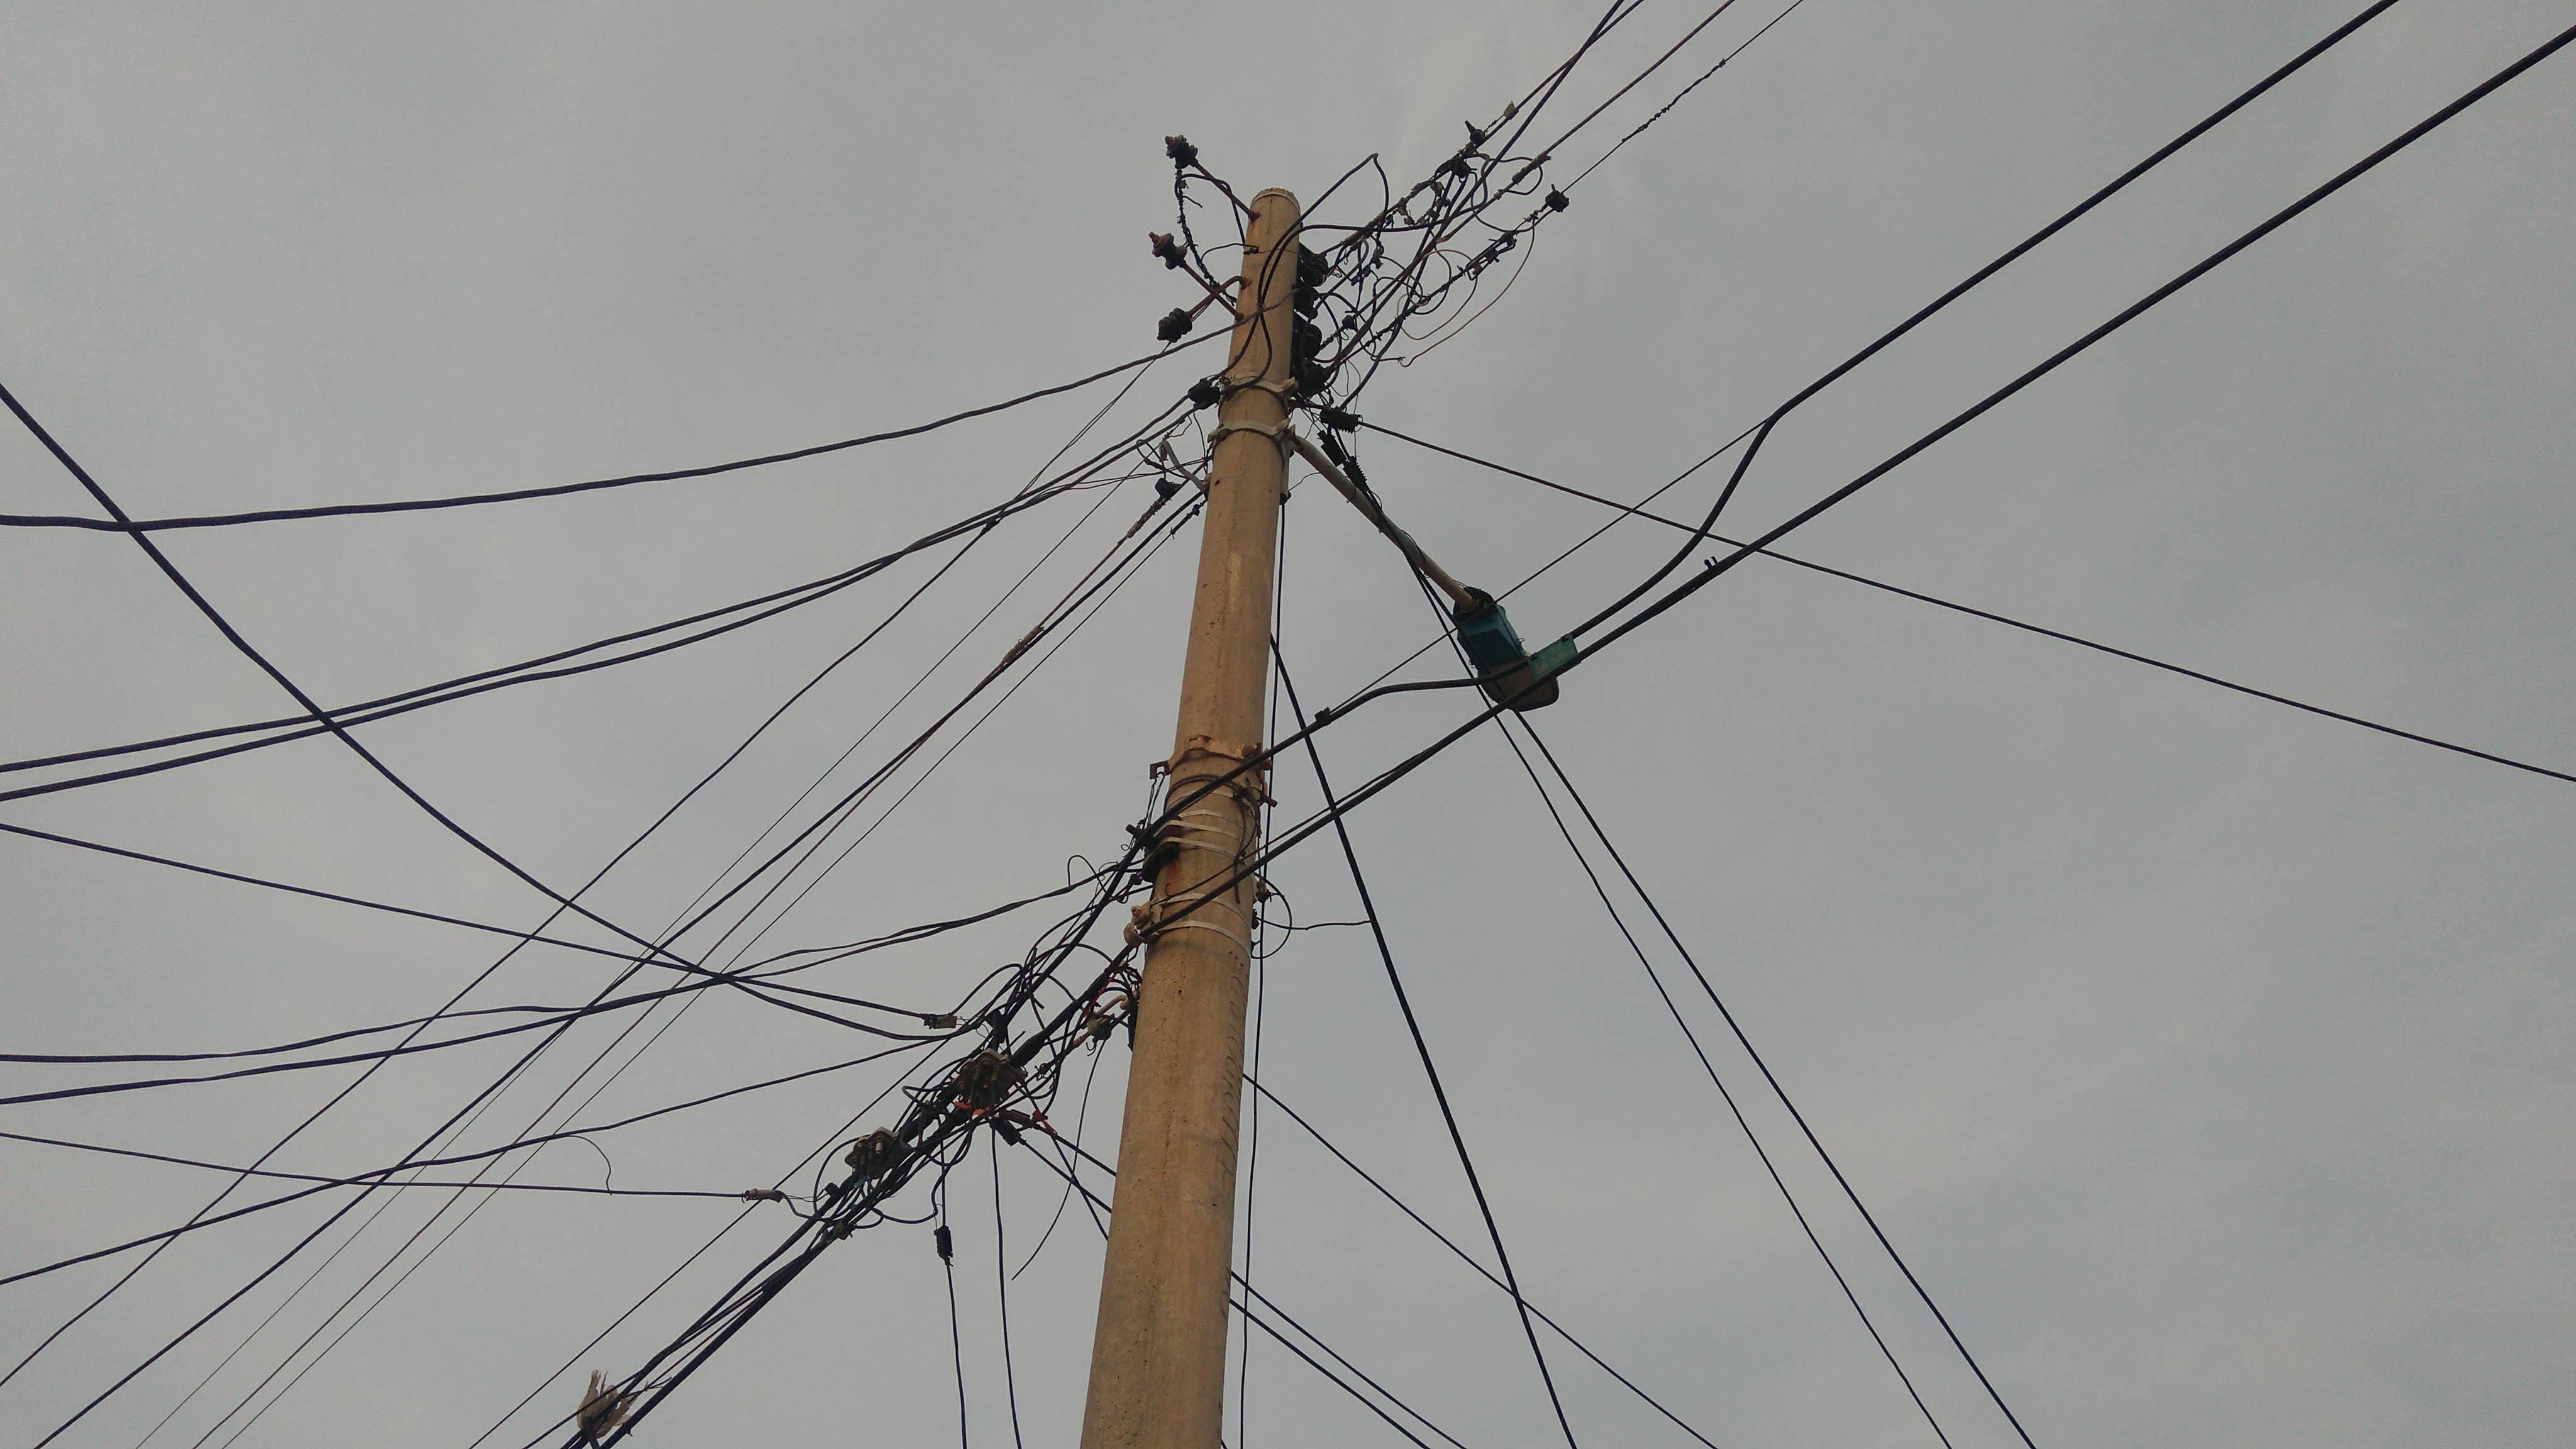 Por medio de un comunicado de prensa la empresa Electricaribe da a conocer a la ciudadanía en general que el dia de mañana 26 de mayo y el lunes 27 no prestará el servicio de energía eléctrica debido a unos mantenimientos preventivos que estarán realizando en algunos circuitos, por estas labores, 28 barrios de la ciudad de Barranquilla no contaran el fluido eléctrico.